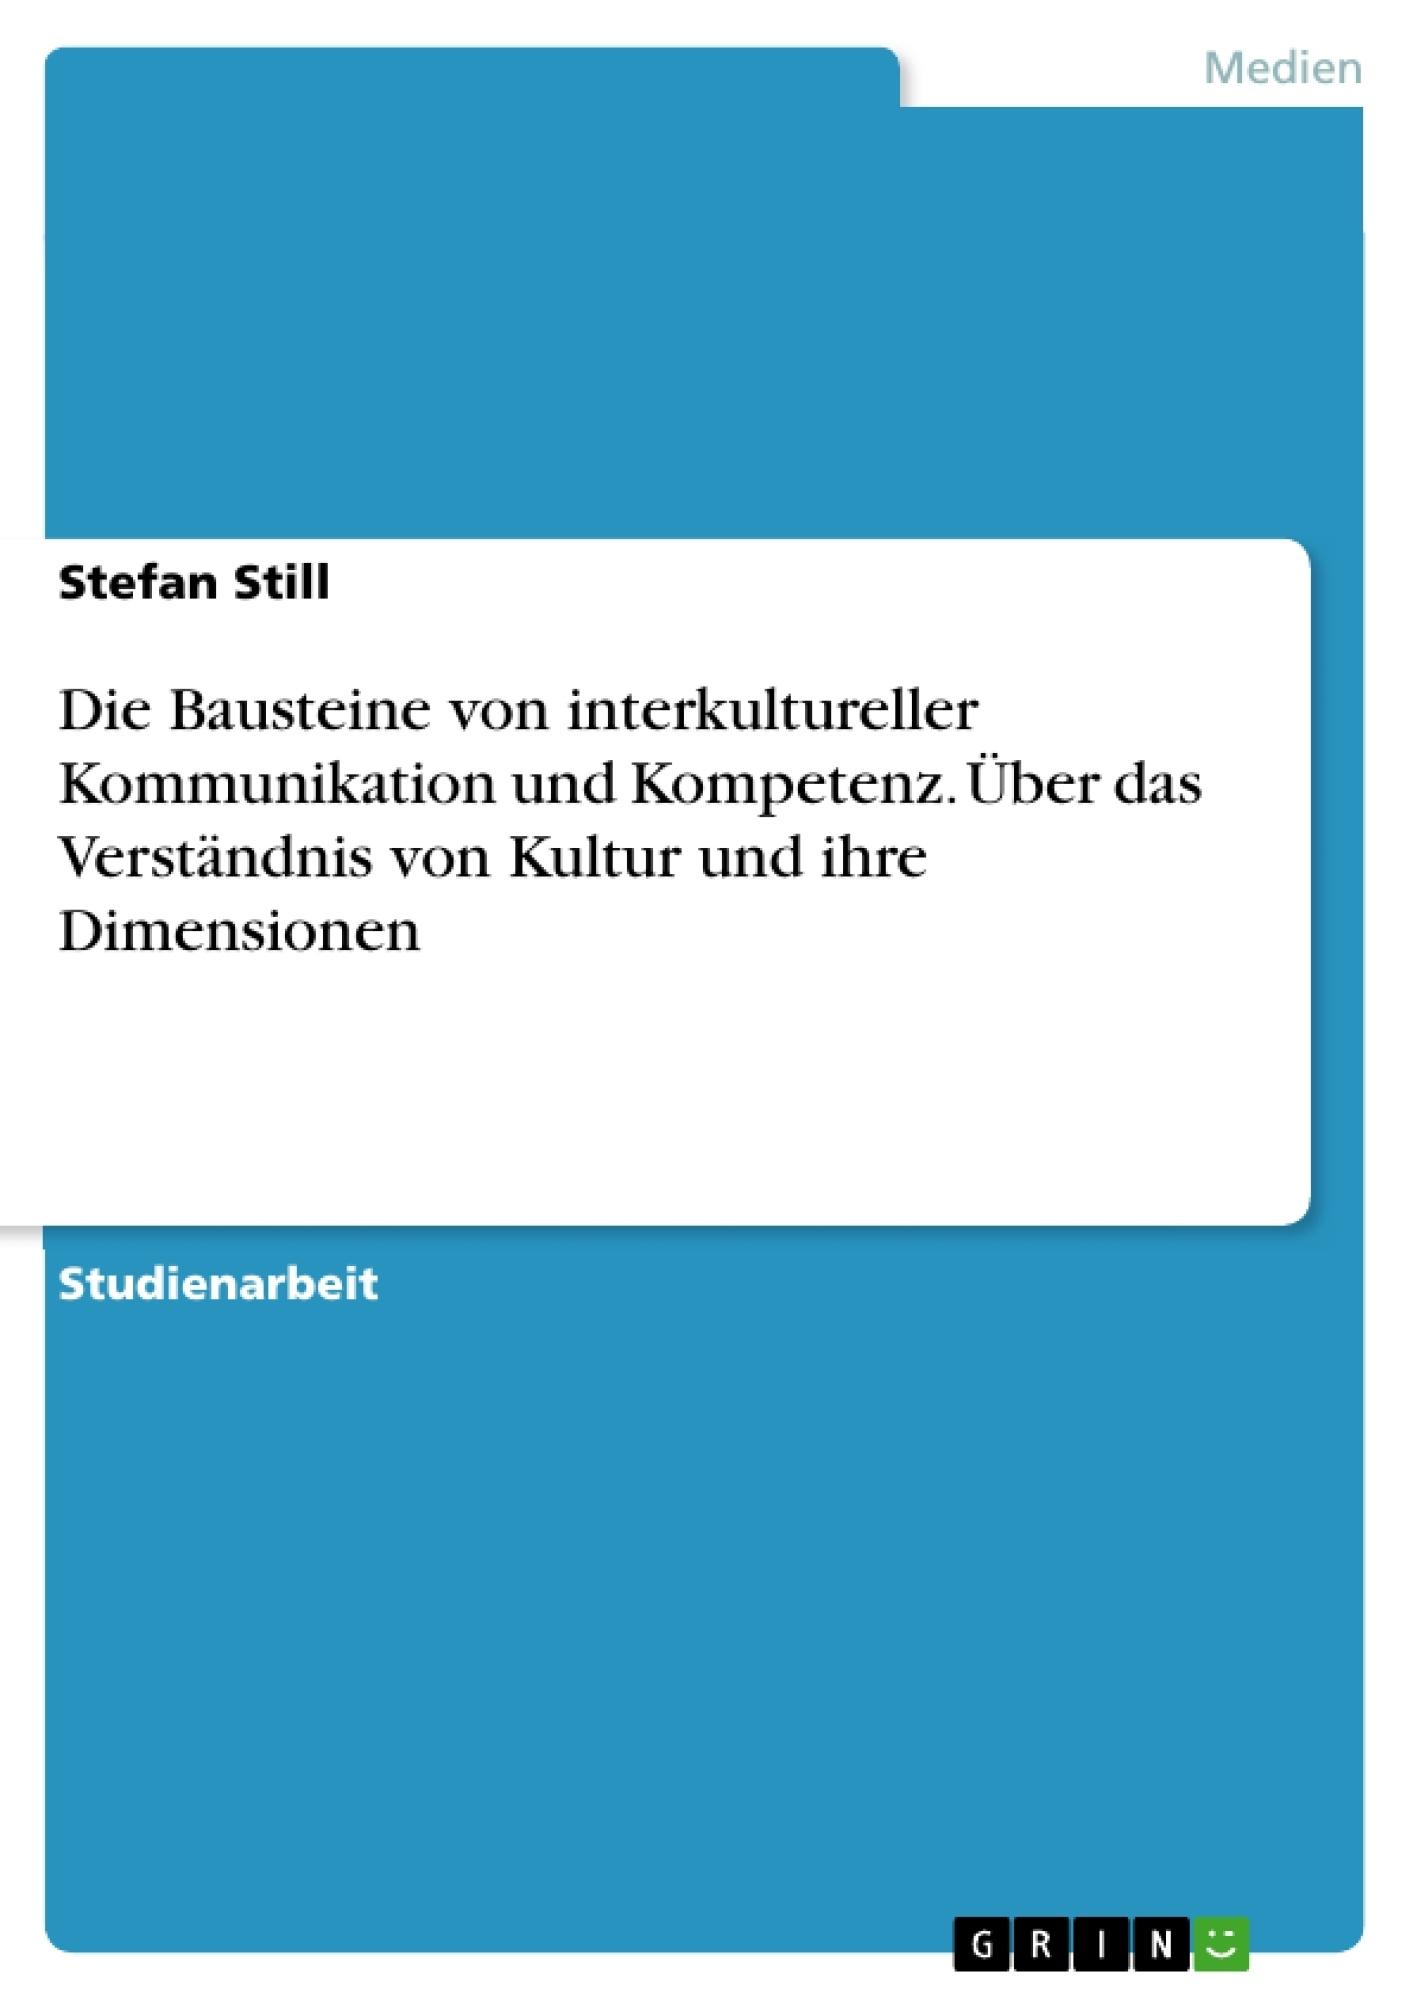 Titel: Die Bausteine von interkultureller Kommunikation und Kompetenz. Über das Verständnis von Kultur und ihre Dimensionen